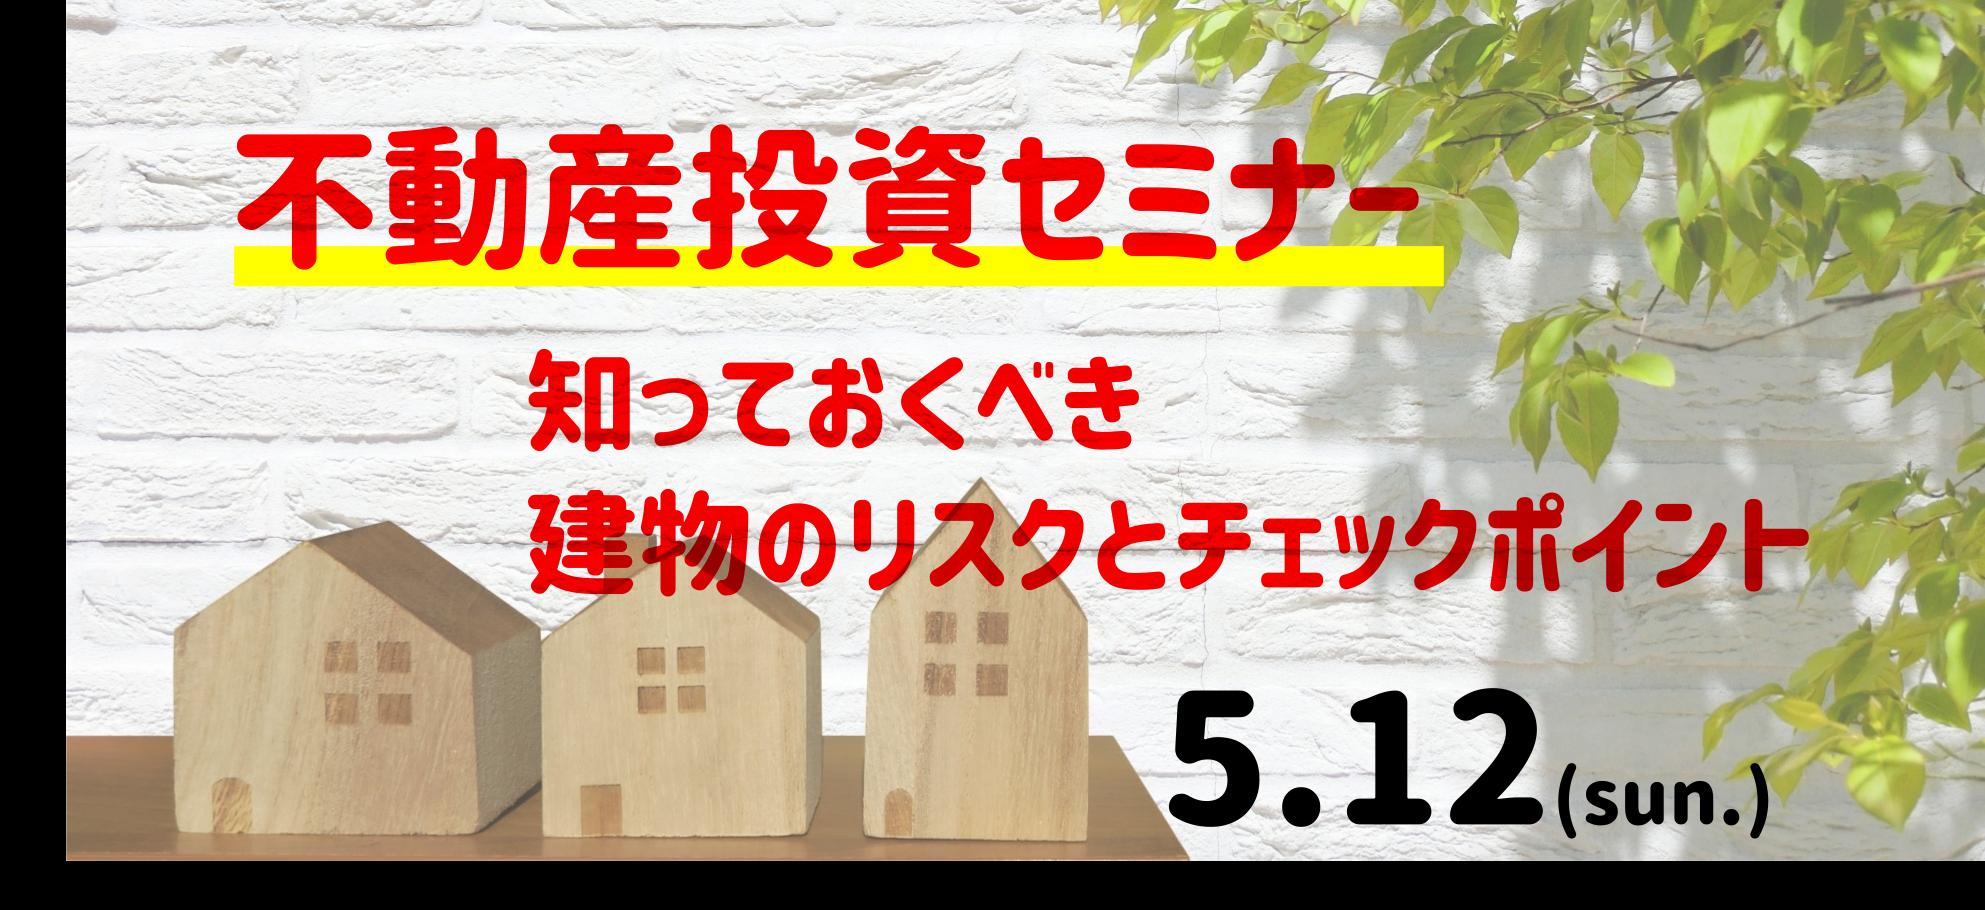 5/12(日)不動産投資セミナー ~知っておくべき建物のリスクとチェックポイント~